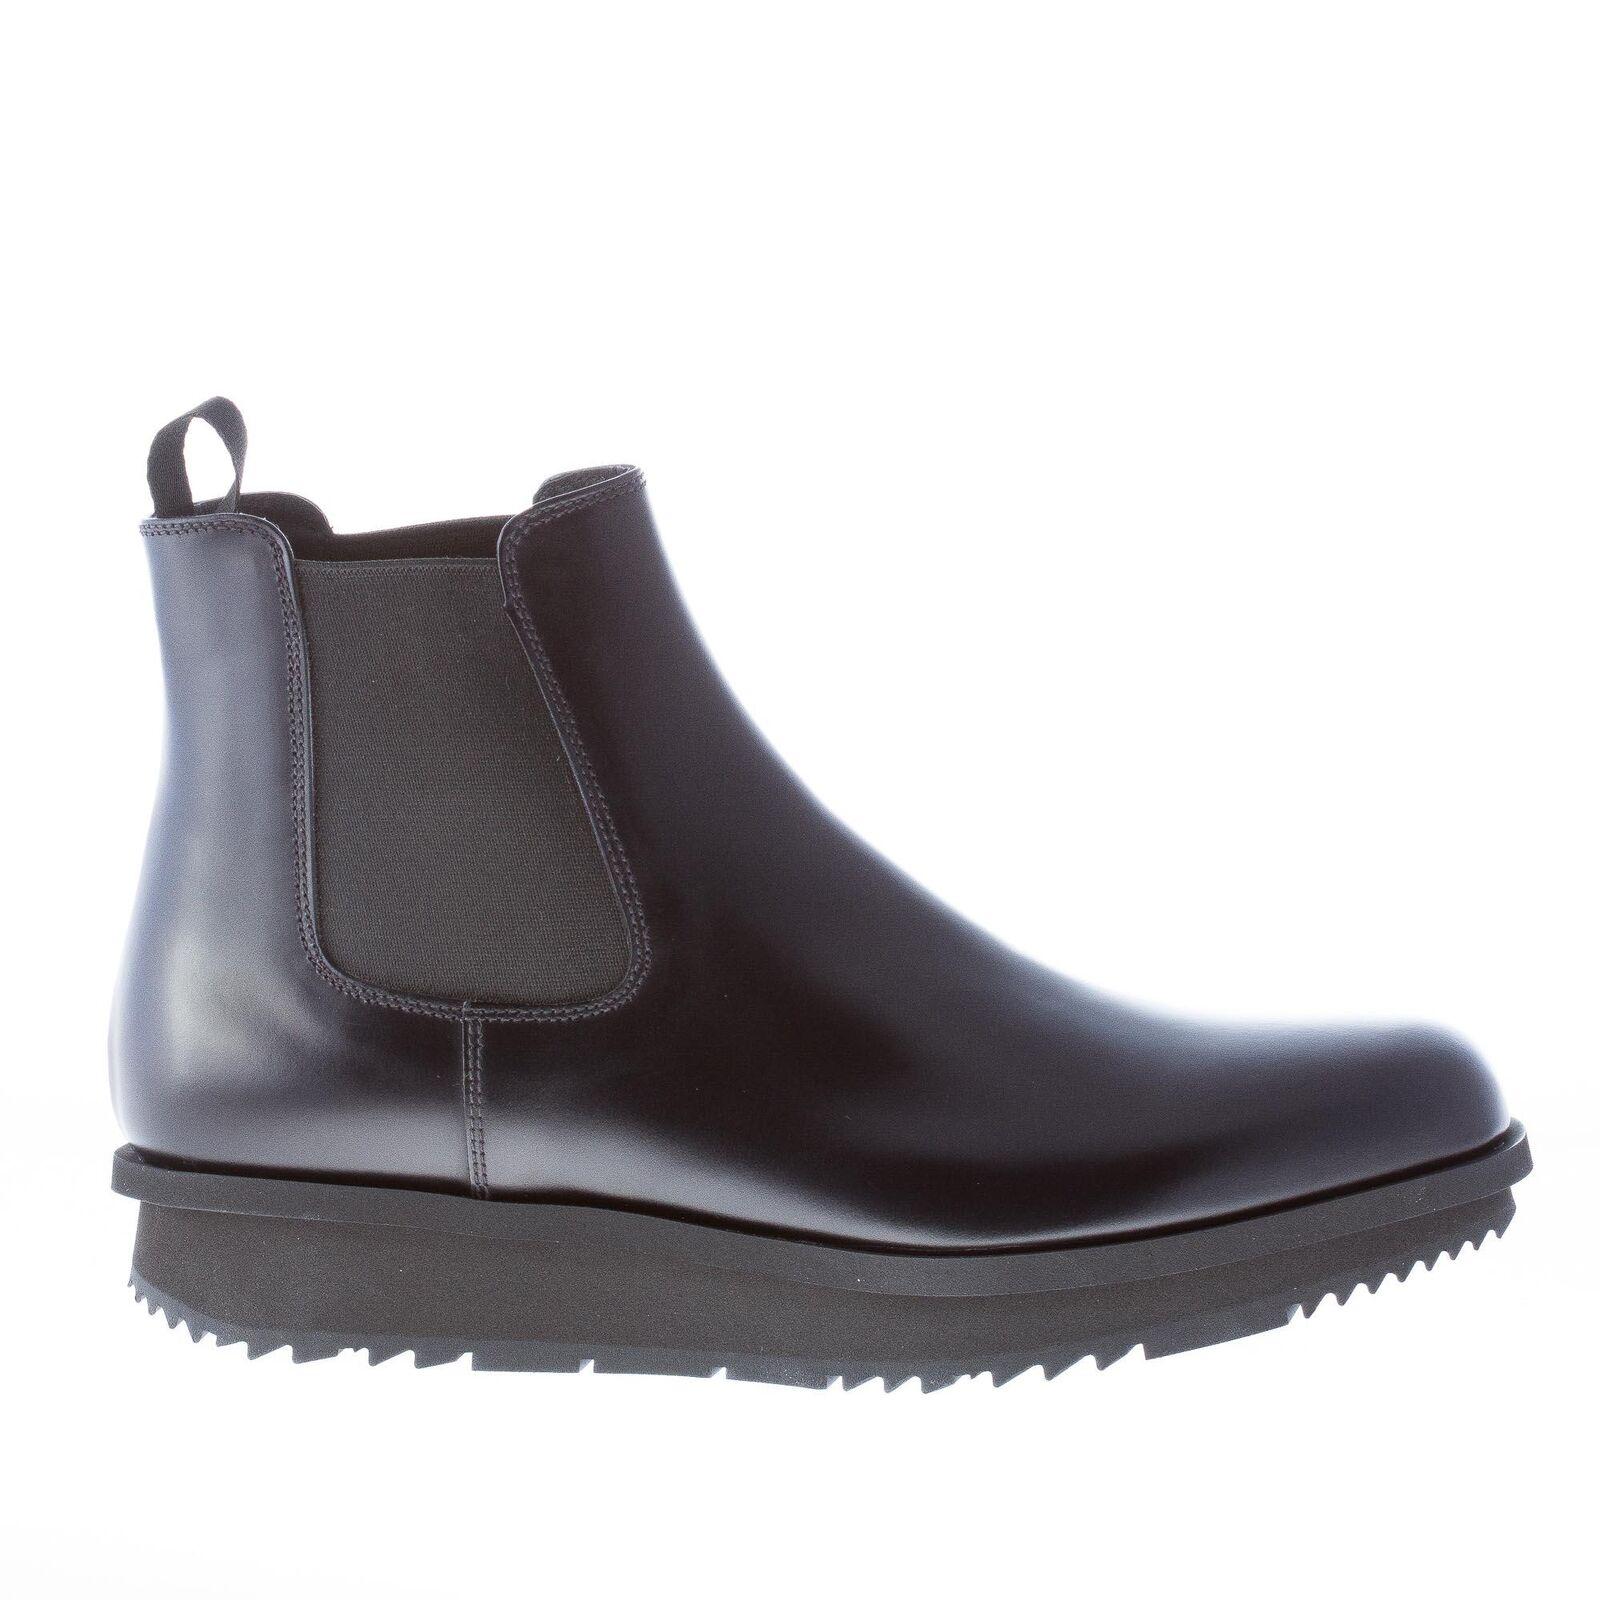 PRADA scarpe uomo nero Stivaletto elasticizzato pelle spazzolata nero uomo suola rialzata 1834f7